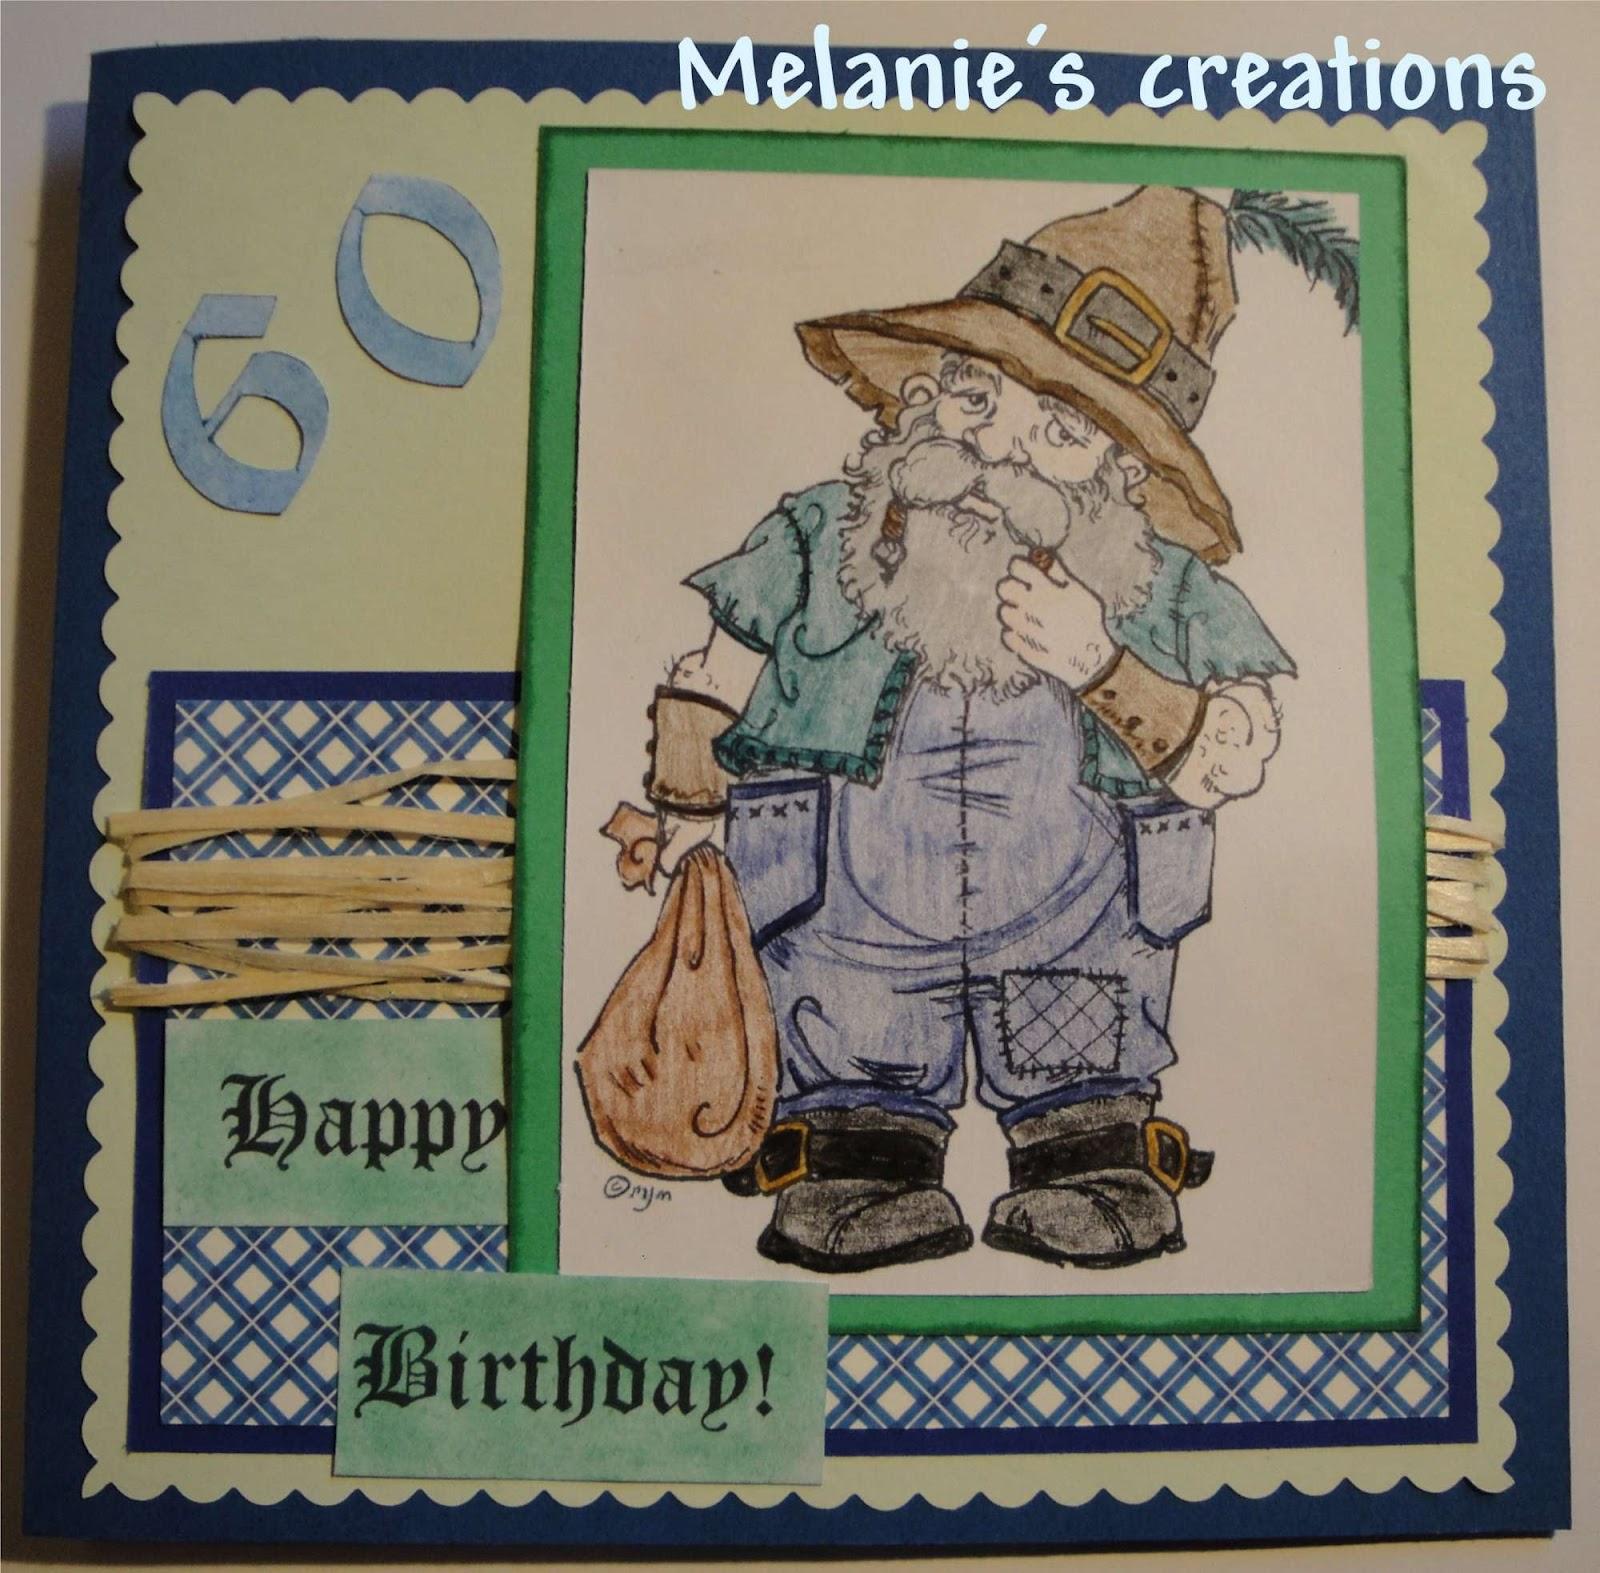 http://1.bp.blogspot.com/-V5Seu7dMY_w/T8JkKP91msI/AAAAAAAAAu8/ReLhUtjFej4/s1600/159+Dwarf+60th+Birthday-2000.jpg